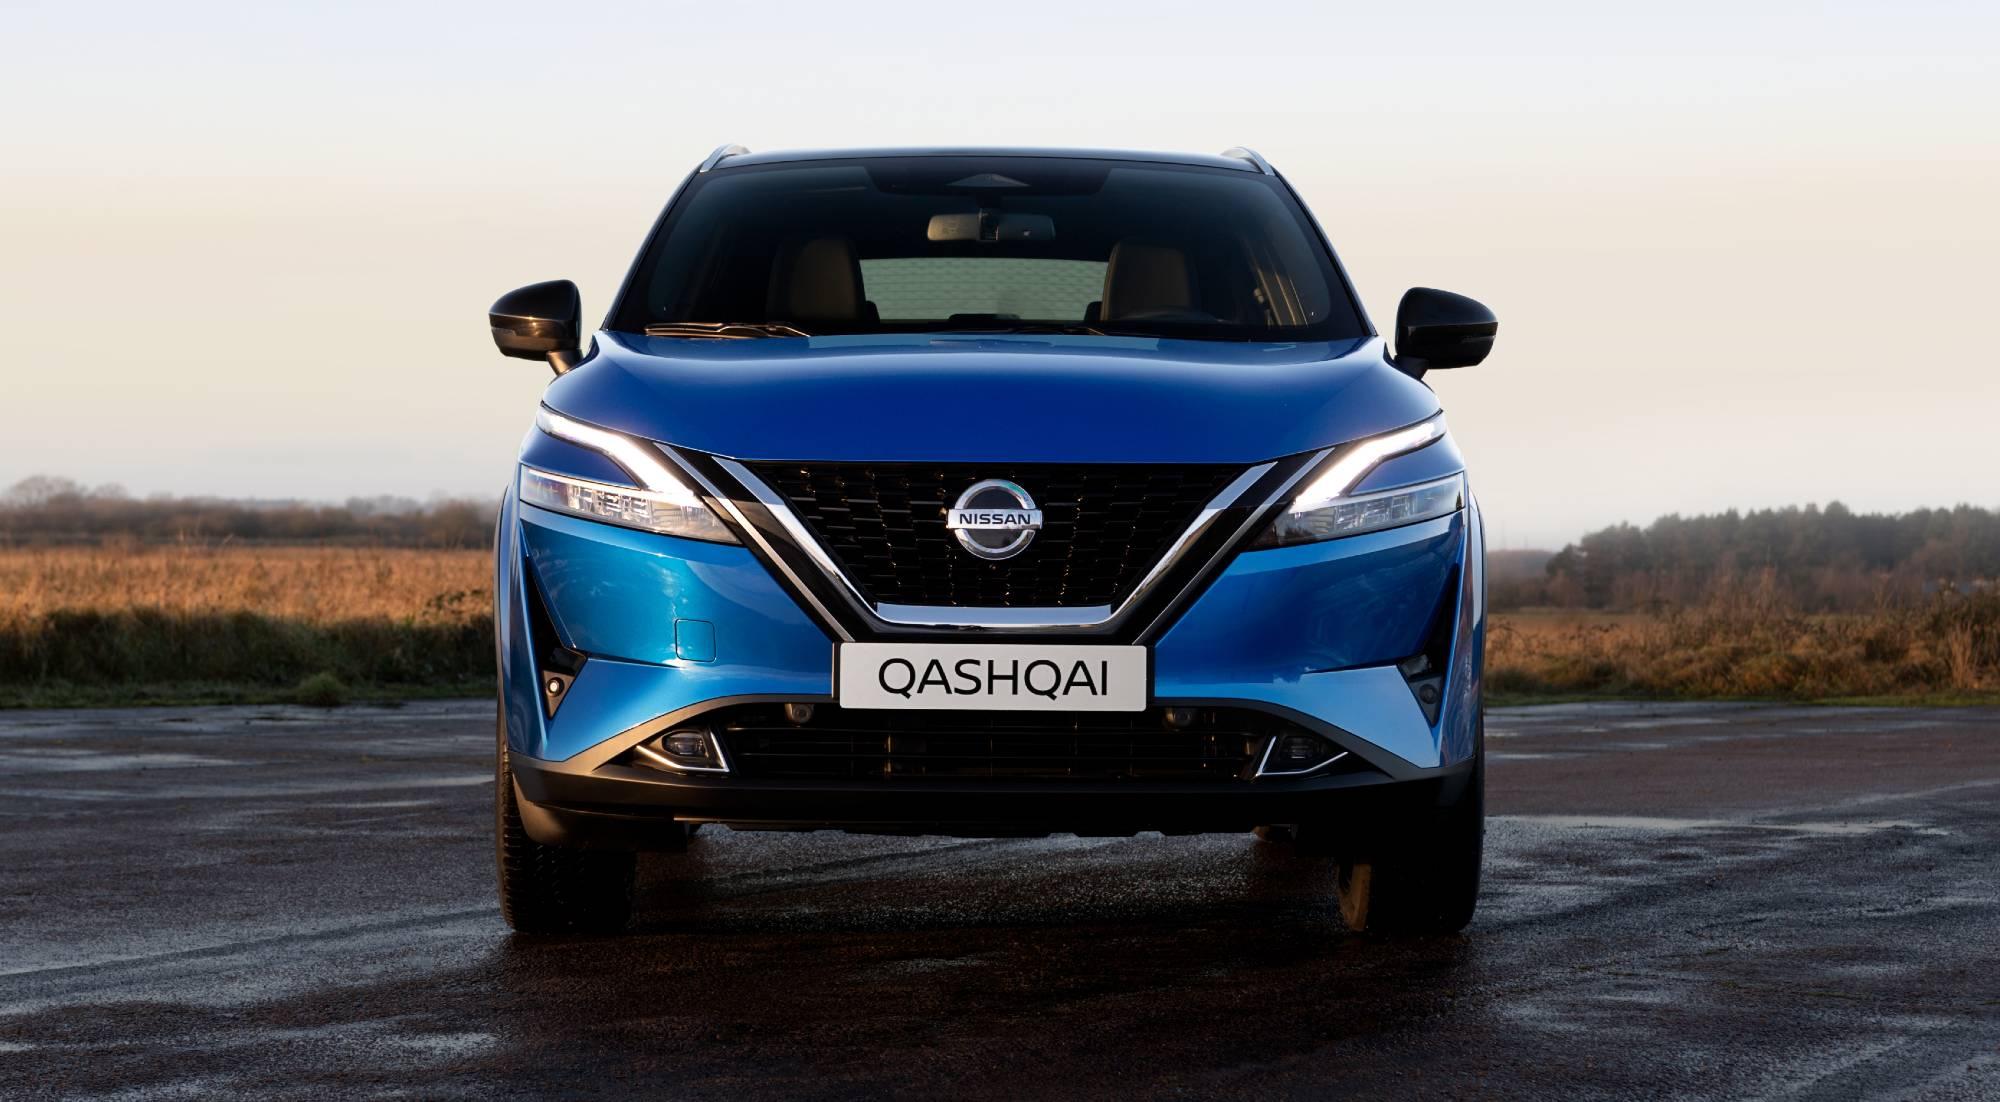 Los cambios del nuevo Nissan Qashqai, en imágenes